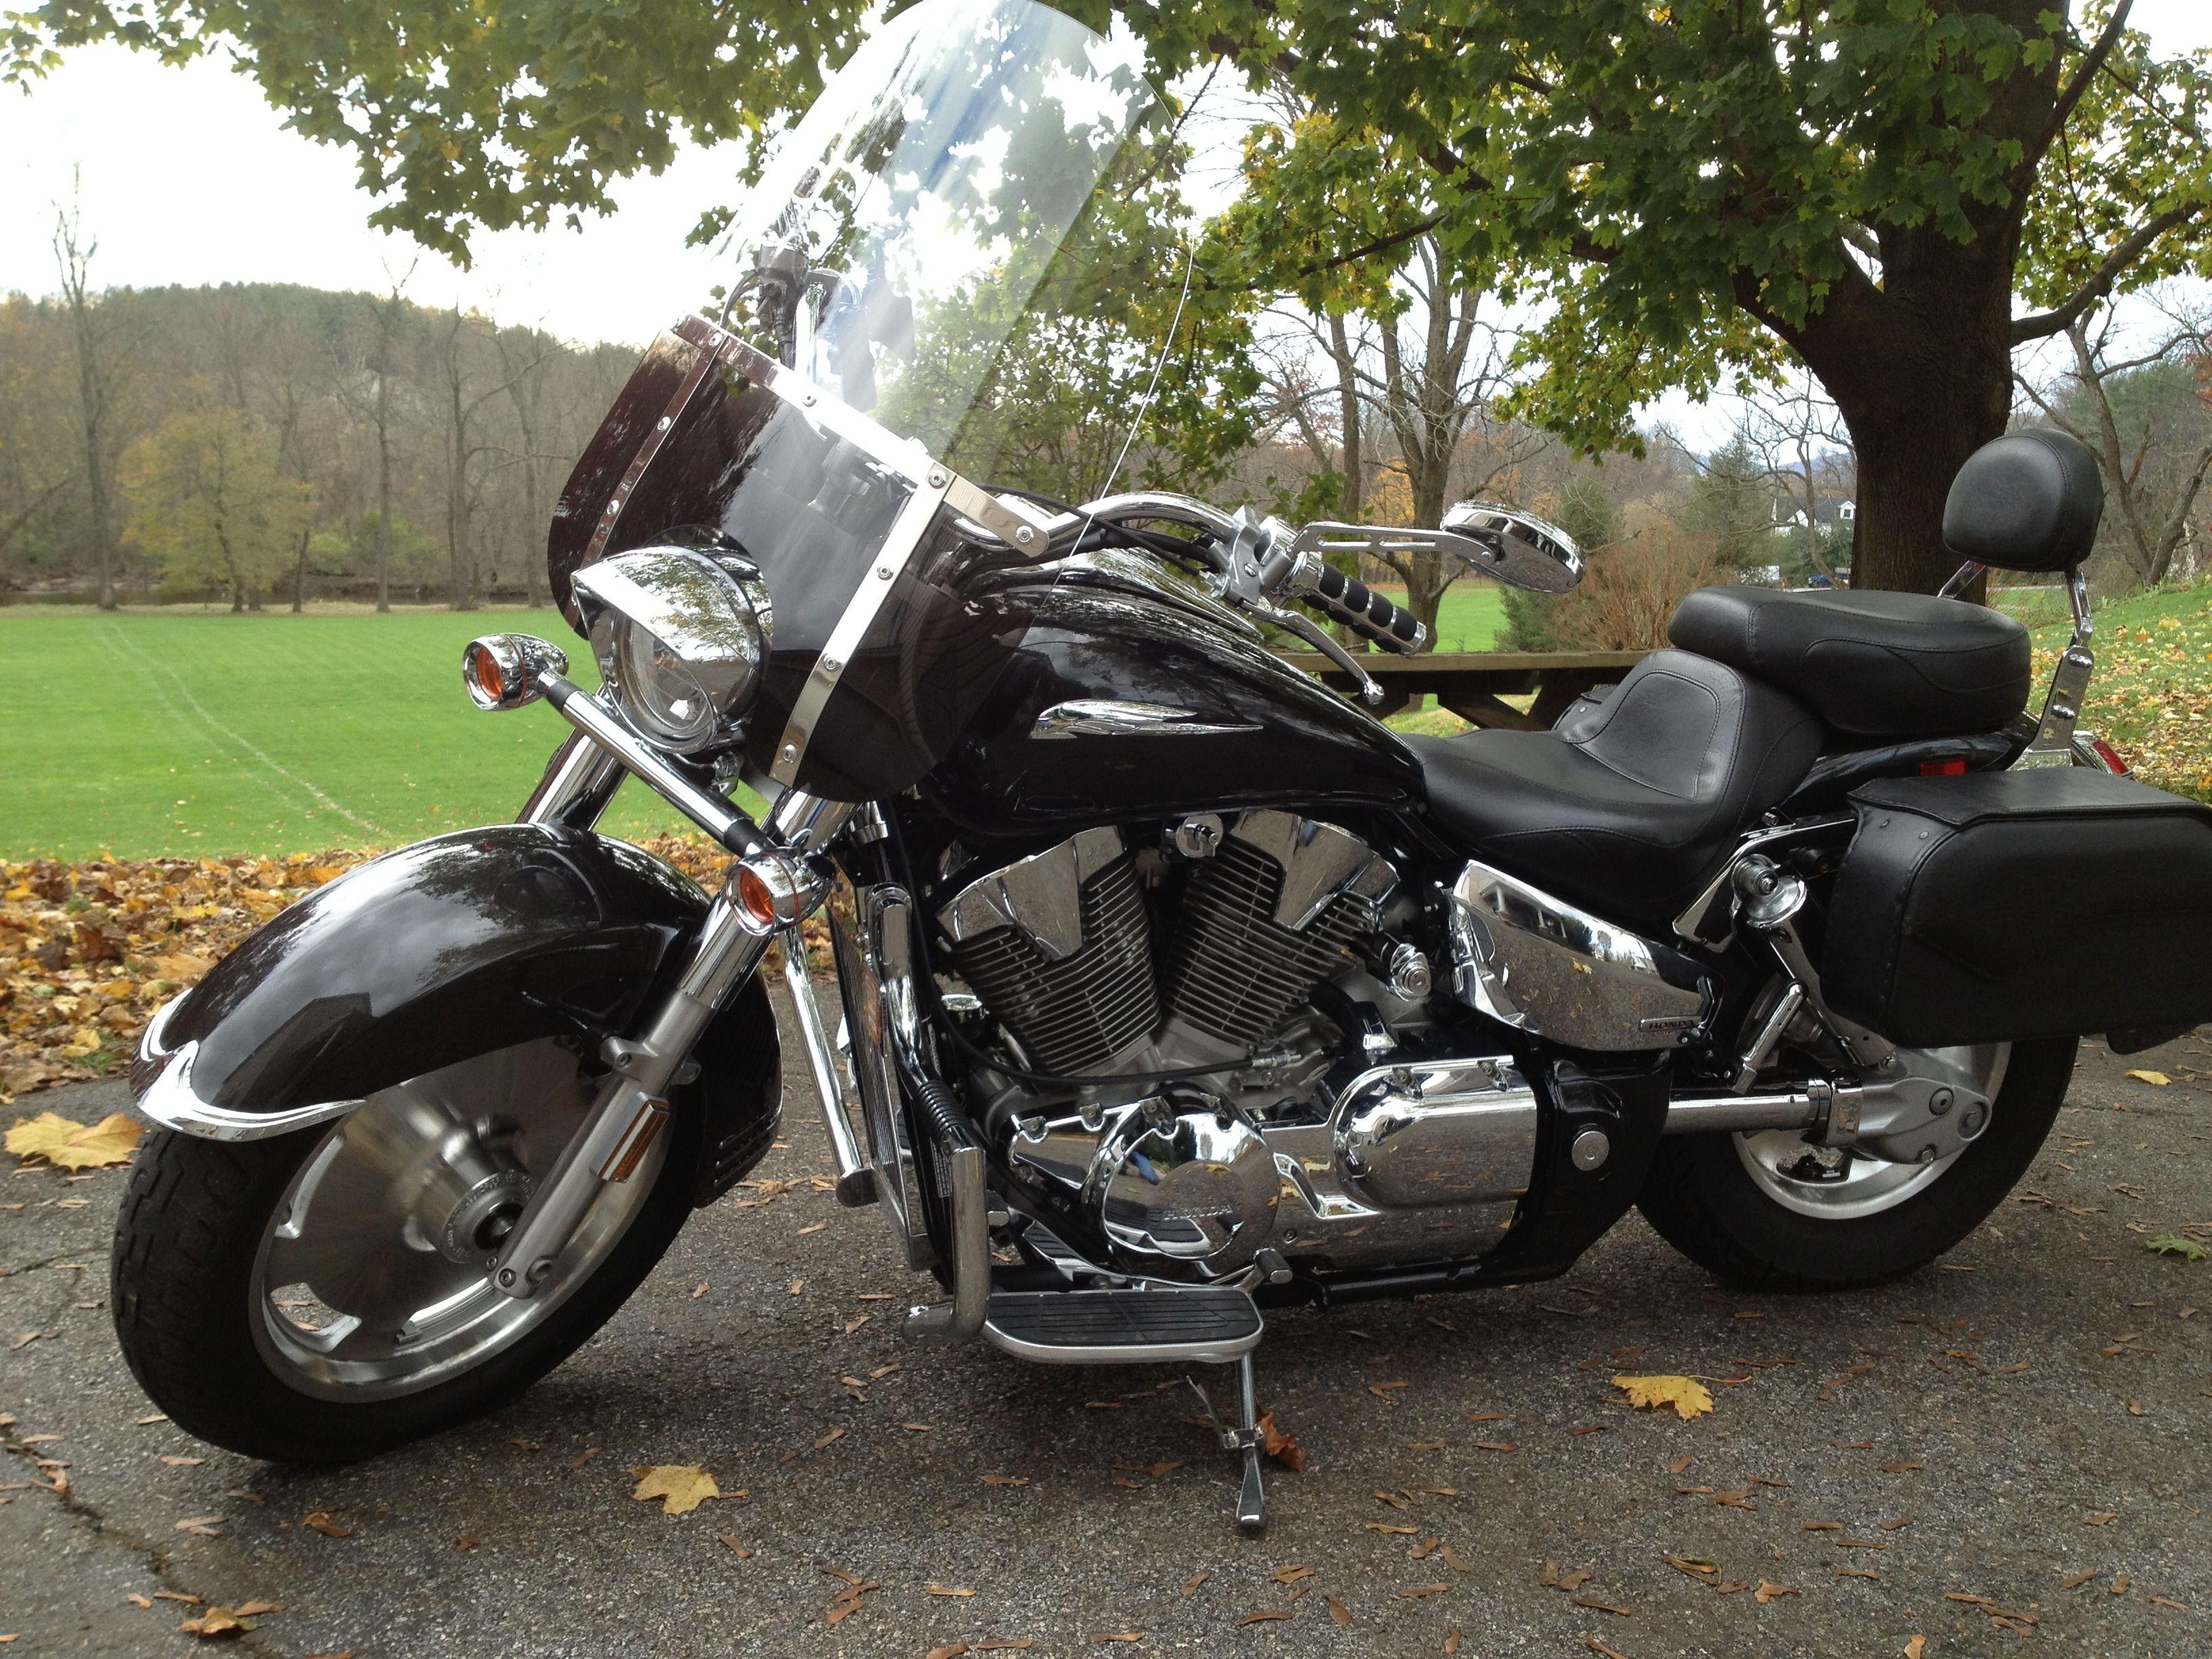 the other woman my 2009 honda vtx 1300r street motorcycles honda motorcycles [ 3264 x 2448 Pixel ]